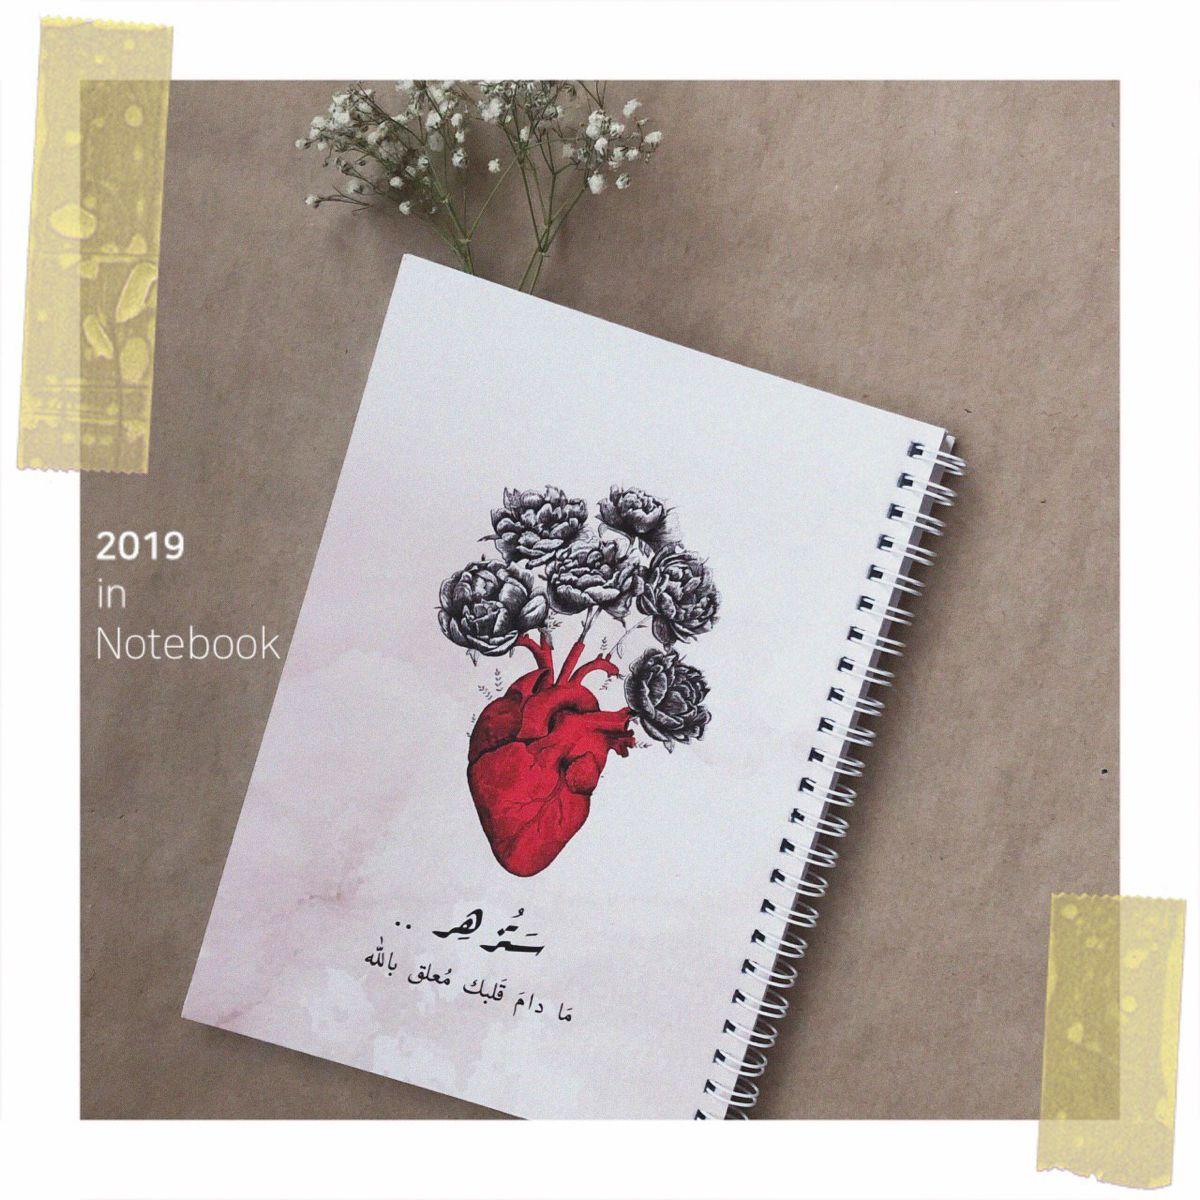 دفتر ستزهر A5 قرطاسية رادن Notebook Book Cover Passport Holder